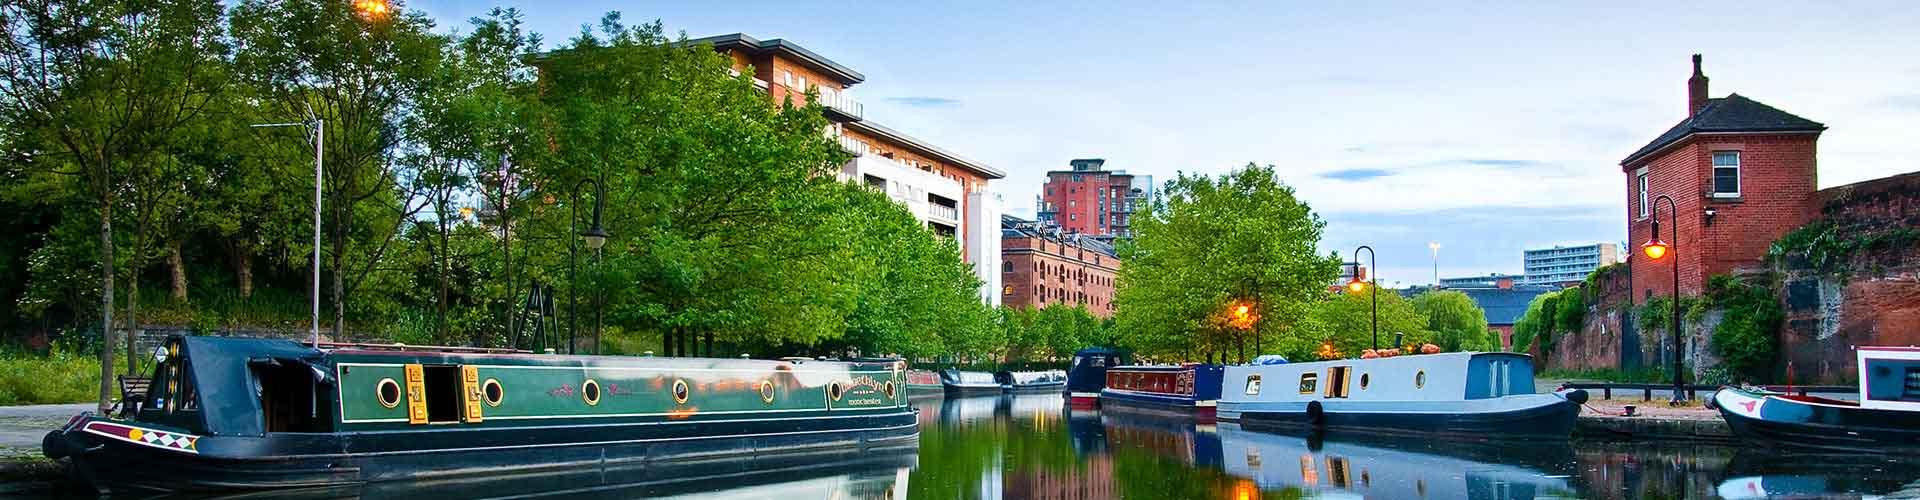 Manchester - Hoteles baratos cerca a City Center. Mapas de Manchester, Fotos y comentarios de cada Hotel en Manchester.